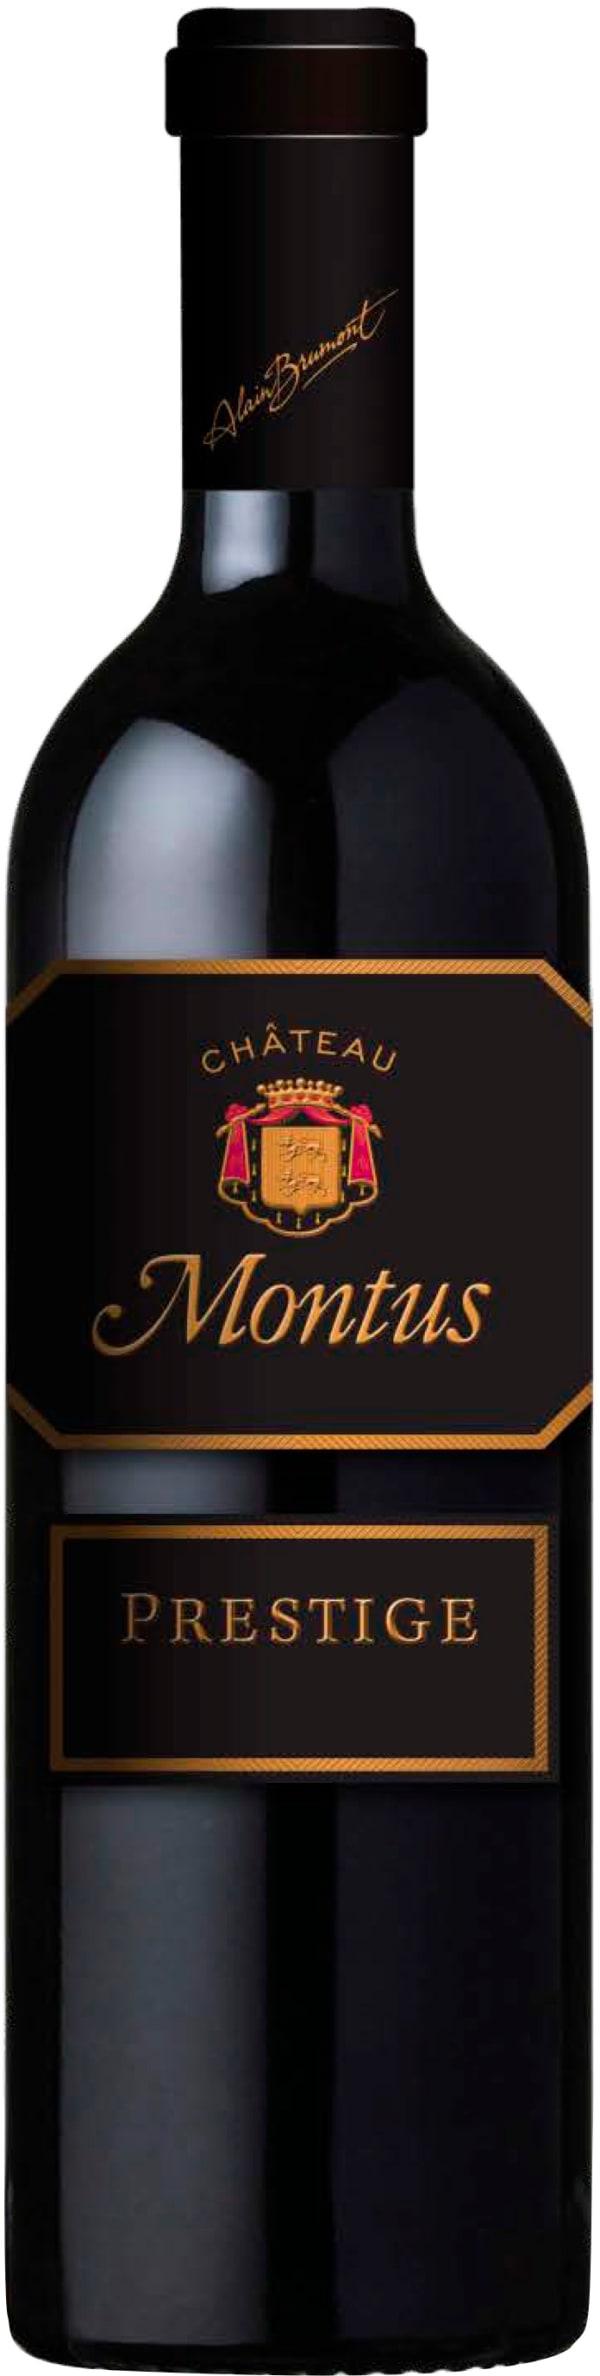 Château Montus Prestige 1999